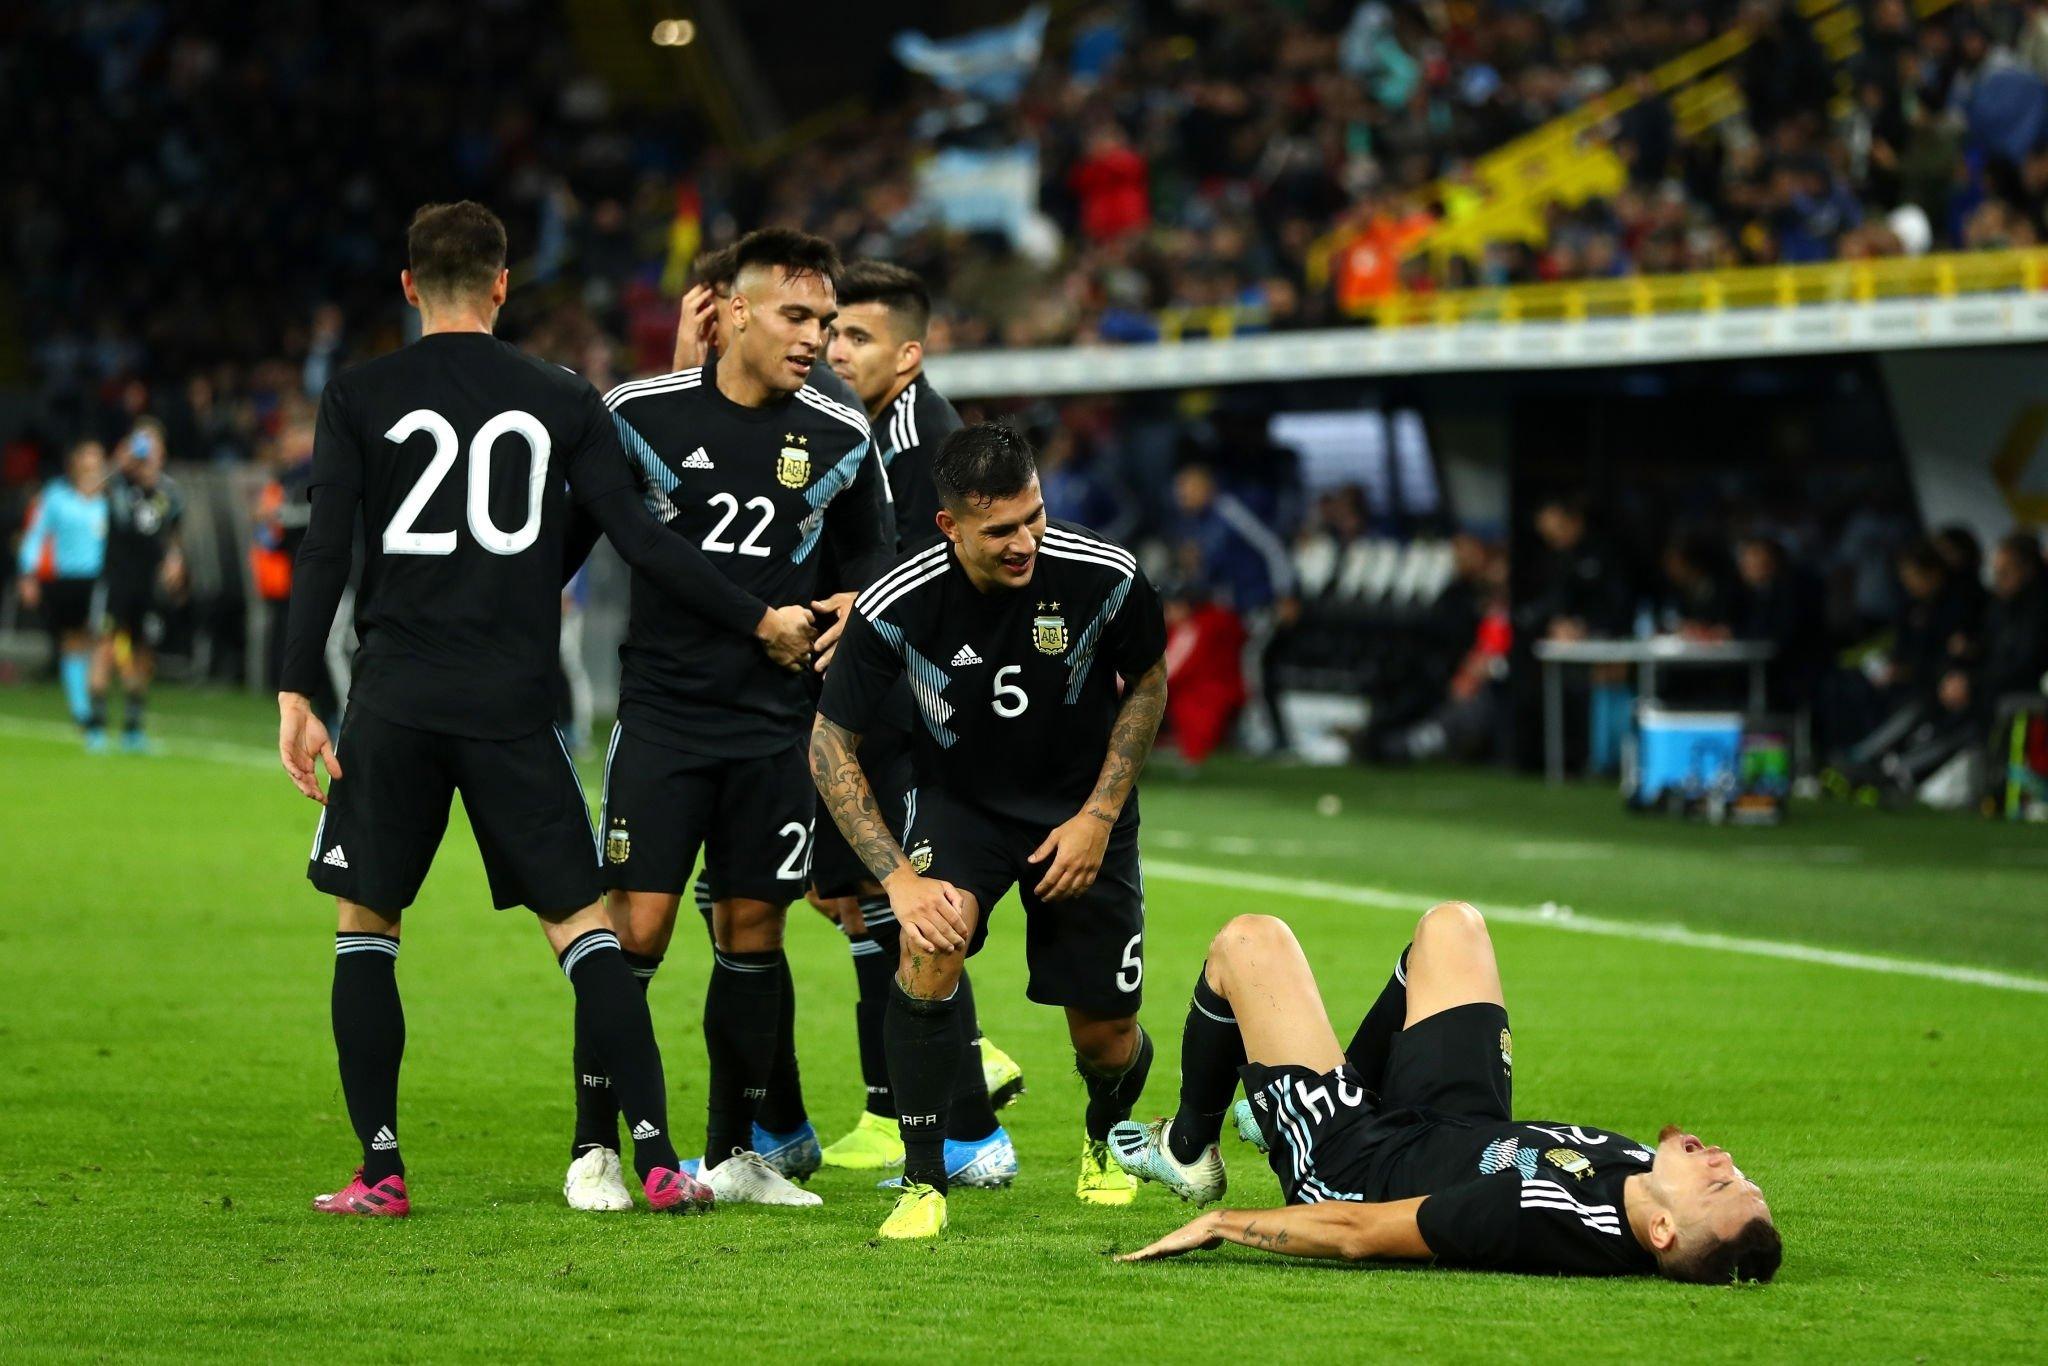 Германия - Аргентина 2:2. Ничья с горьким привкусом для команды Лева – альбиселесте отыграли два мяча - изображение 3